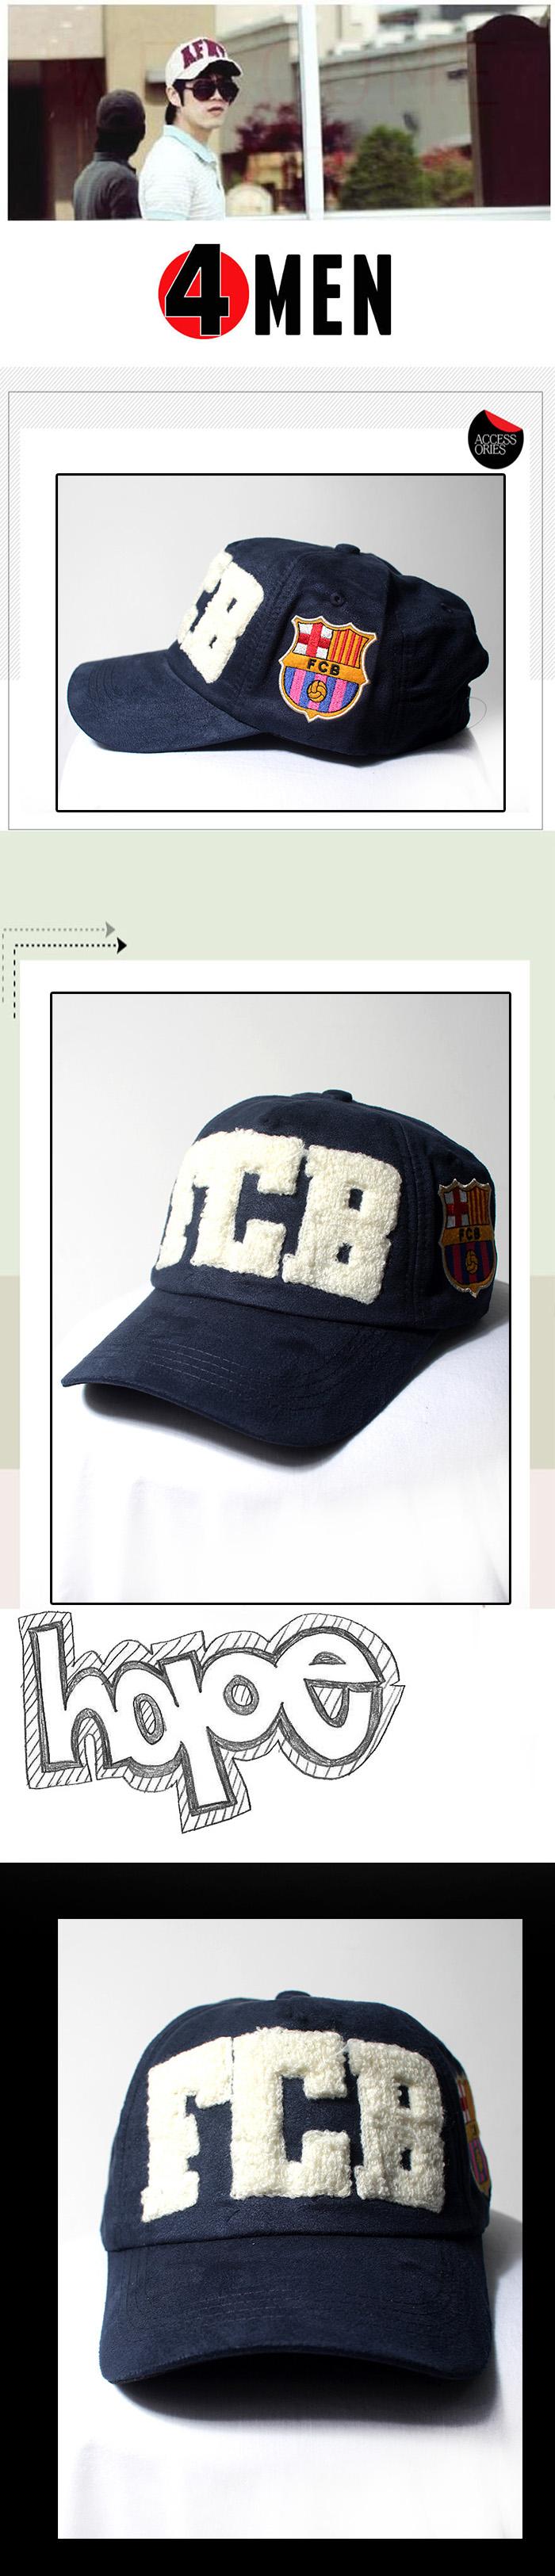 Nón fcb xanh nf073 - 1